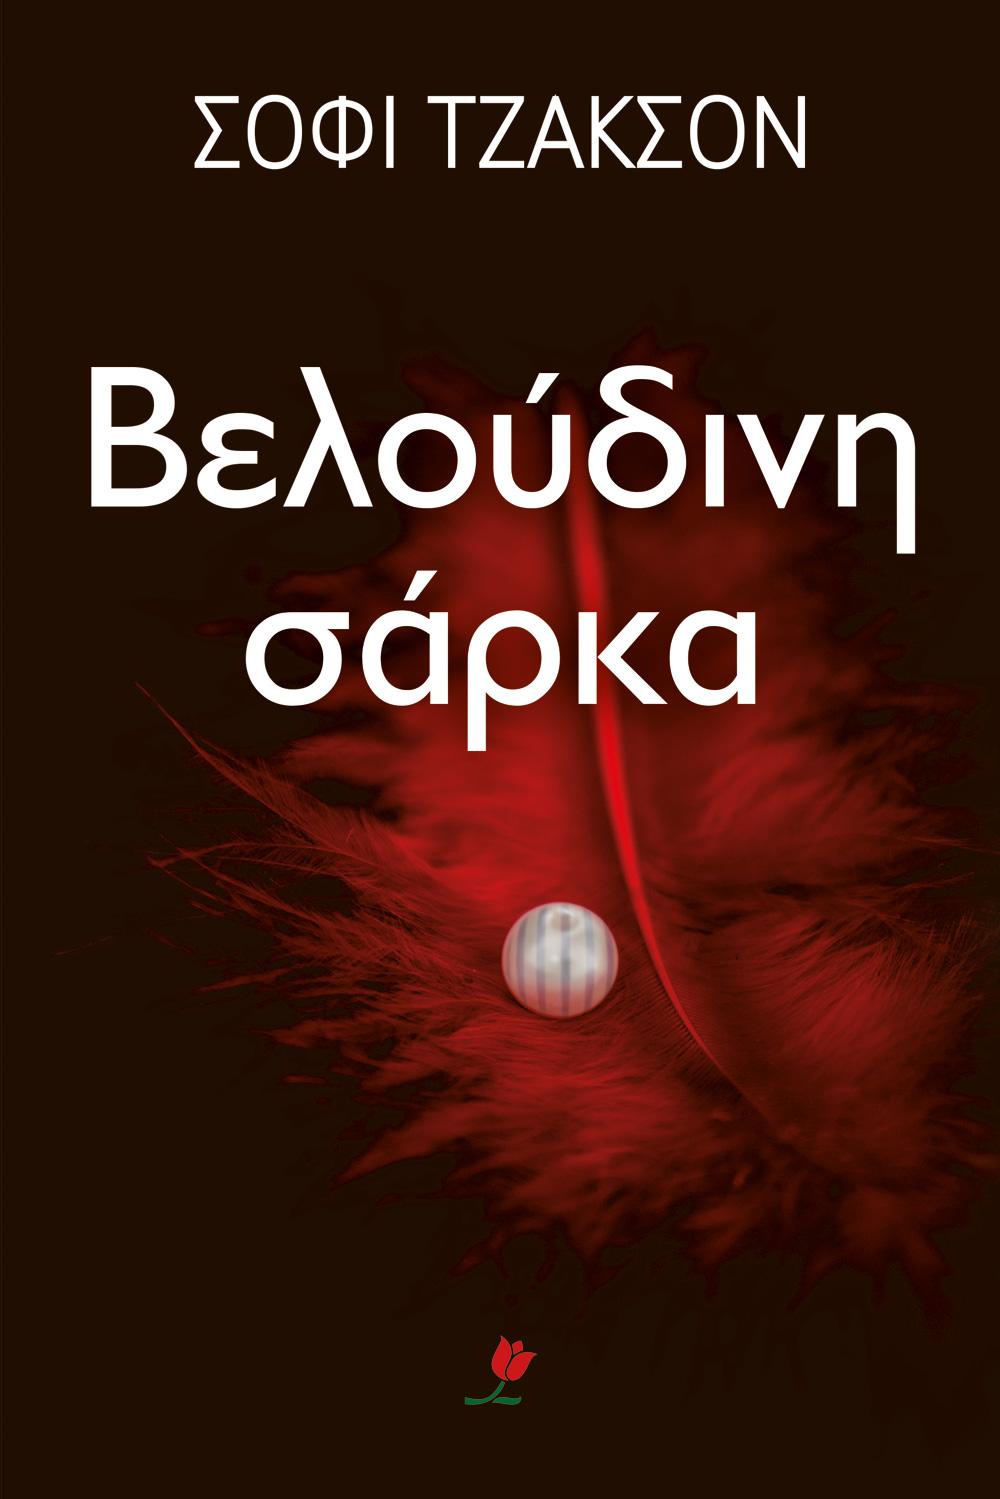 ΒΕΛΟΥΔΙΝΗ ΣΑΡΚΑ - ΣΟΦΙ ΤΖΑΚΣΟΝ